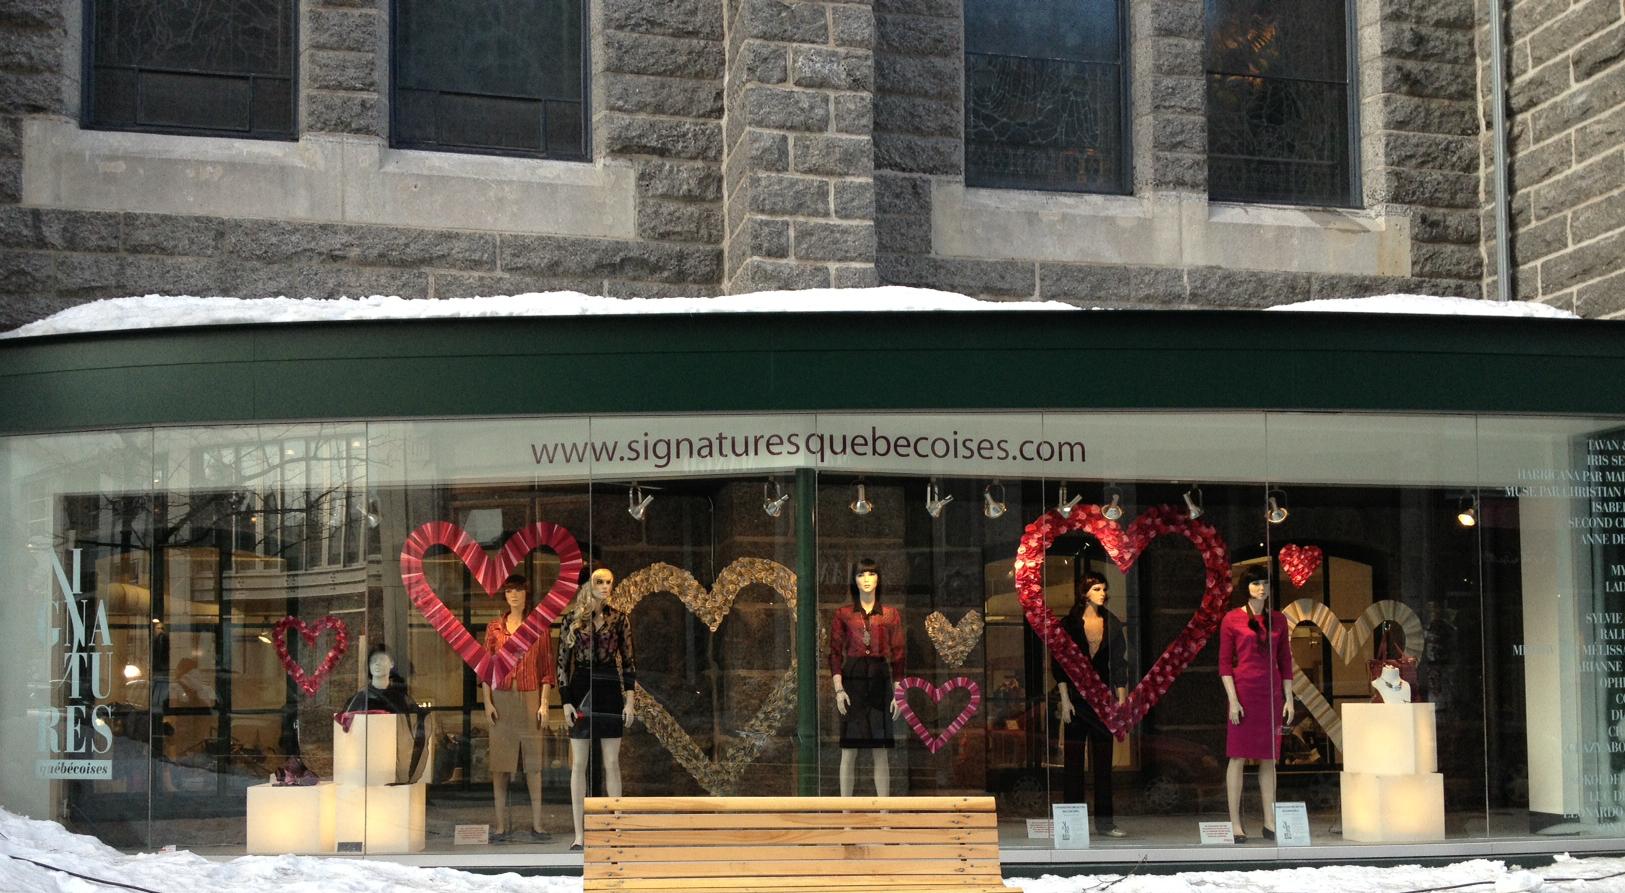 Vitrine Saint-Valentin de la Signatures québécoises